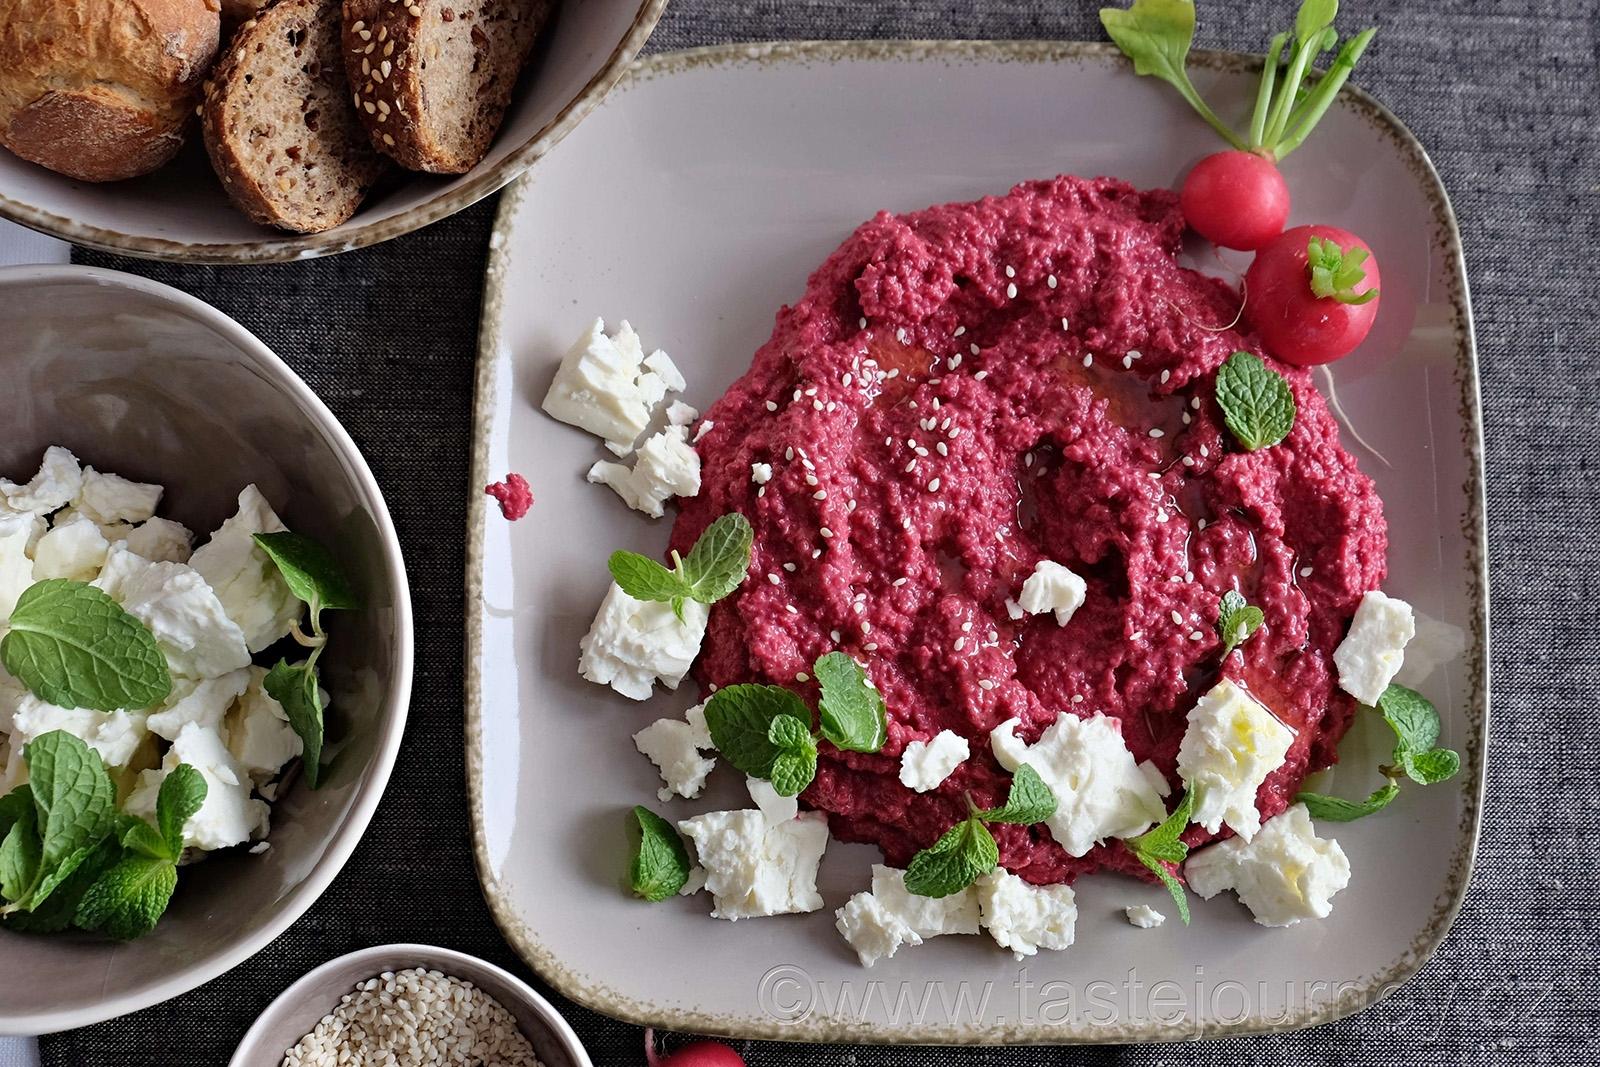 Hummus může mít mnoho příchutí, třeba červenou řepu